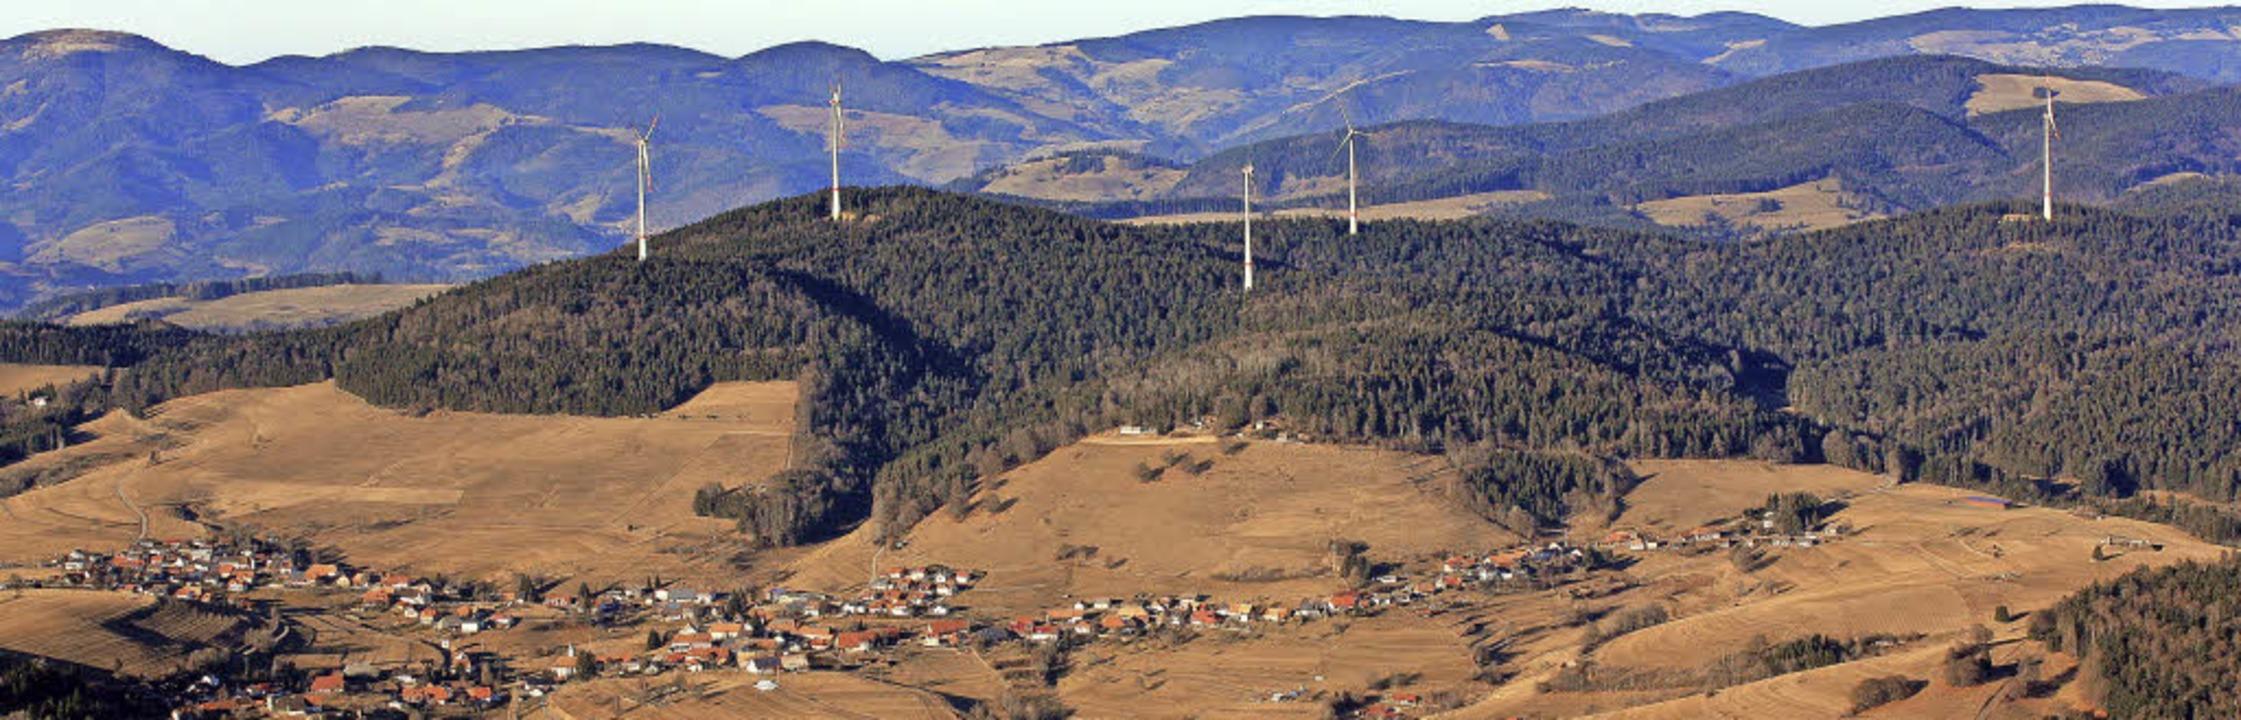 Noch ist unklar, wie der Landschaftsau...Windpark Rohrenkopf am Ende aussieht.   | Foto: Erich Meyer